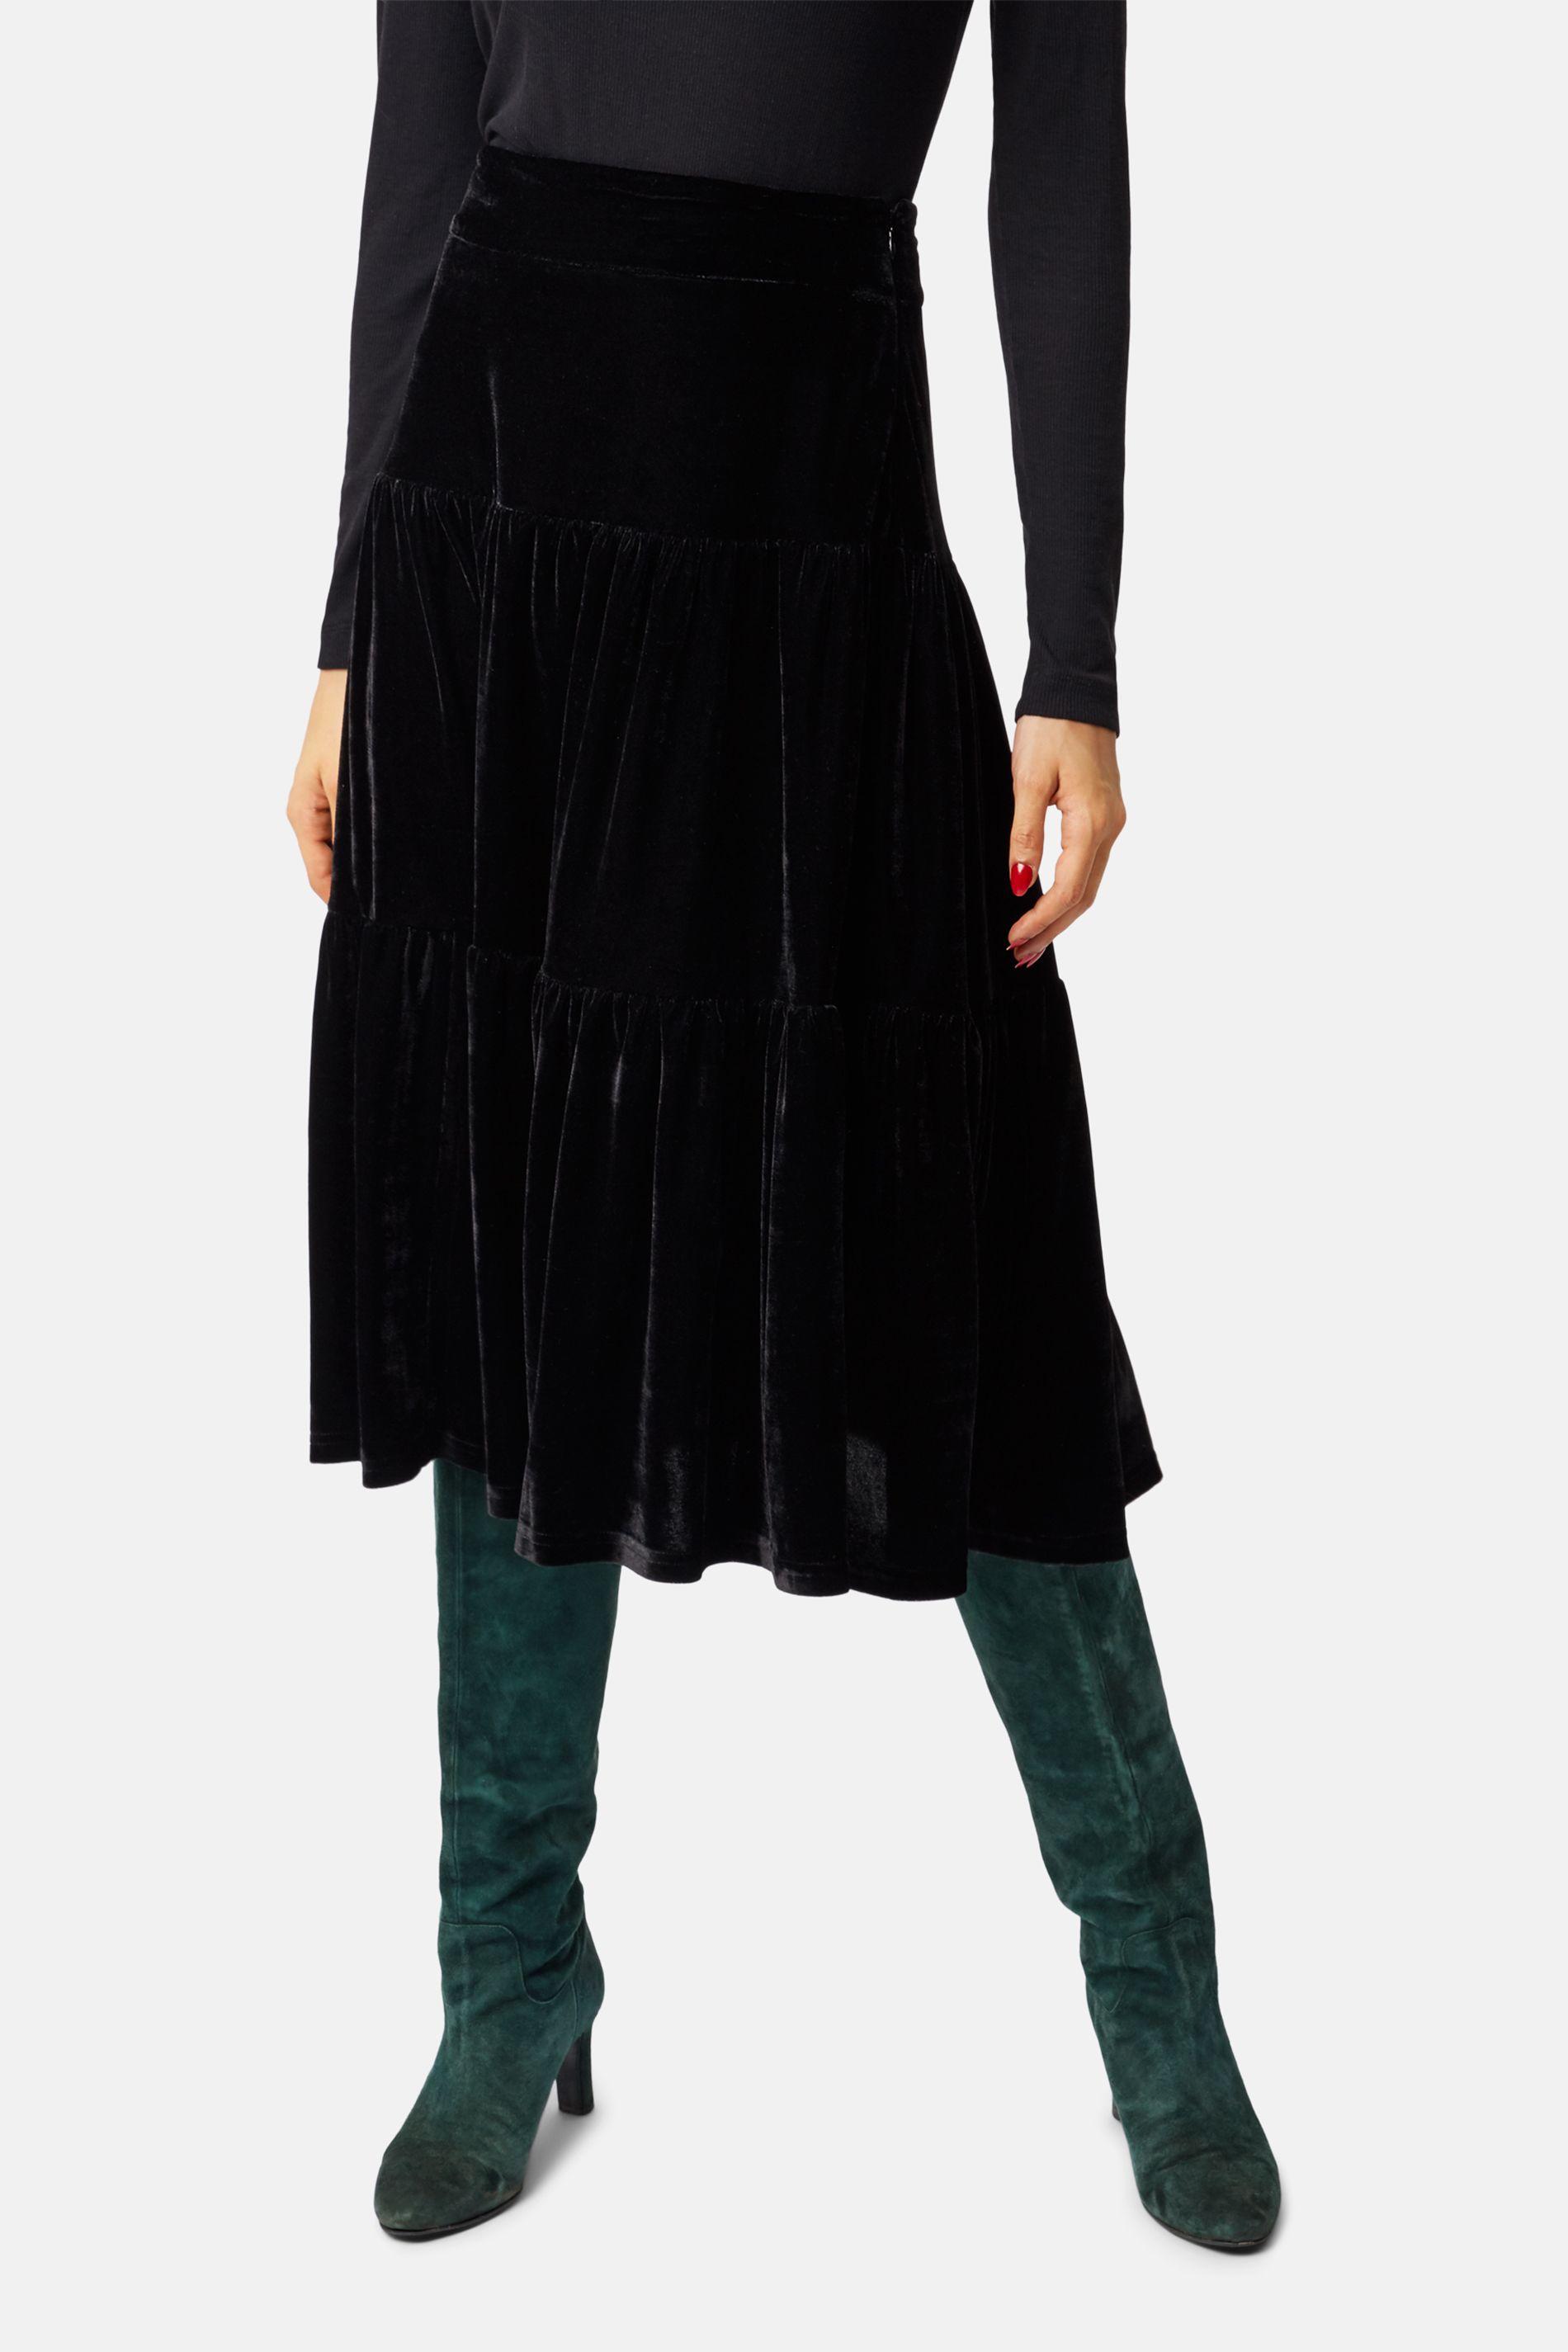 If You Please Velvet A-line Midi Skirt in Black